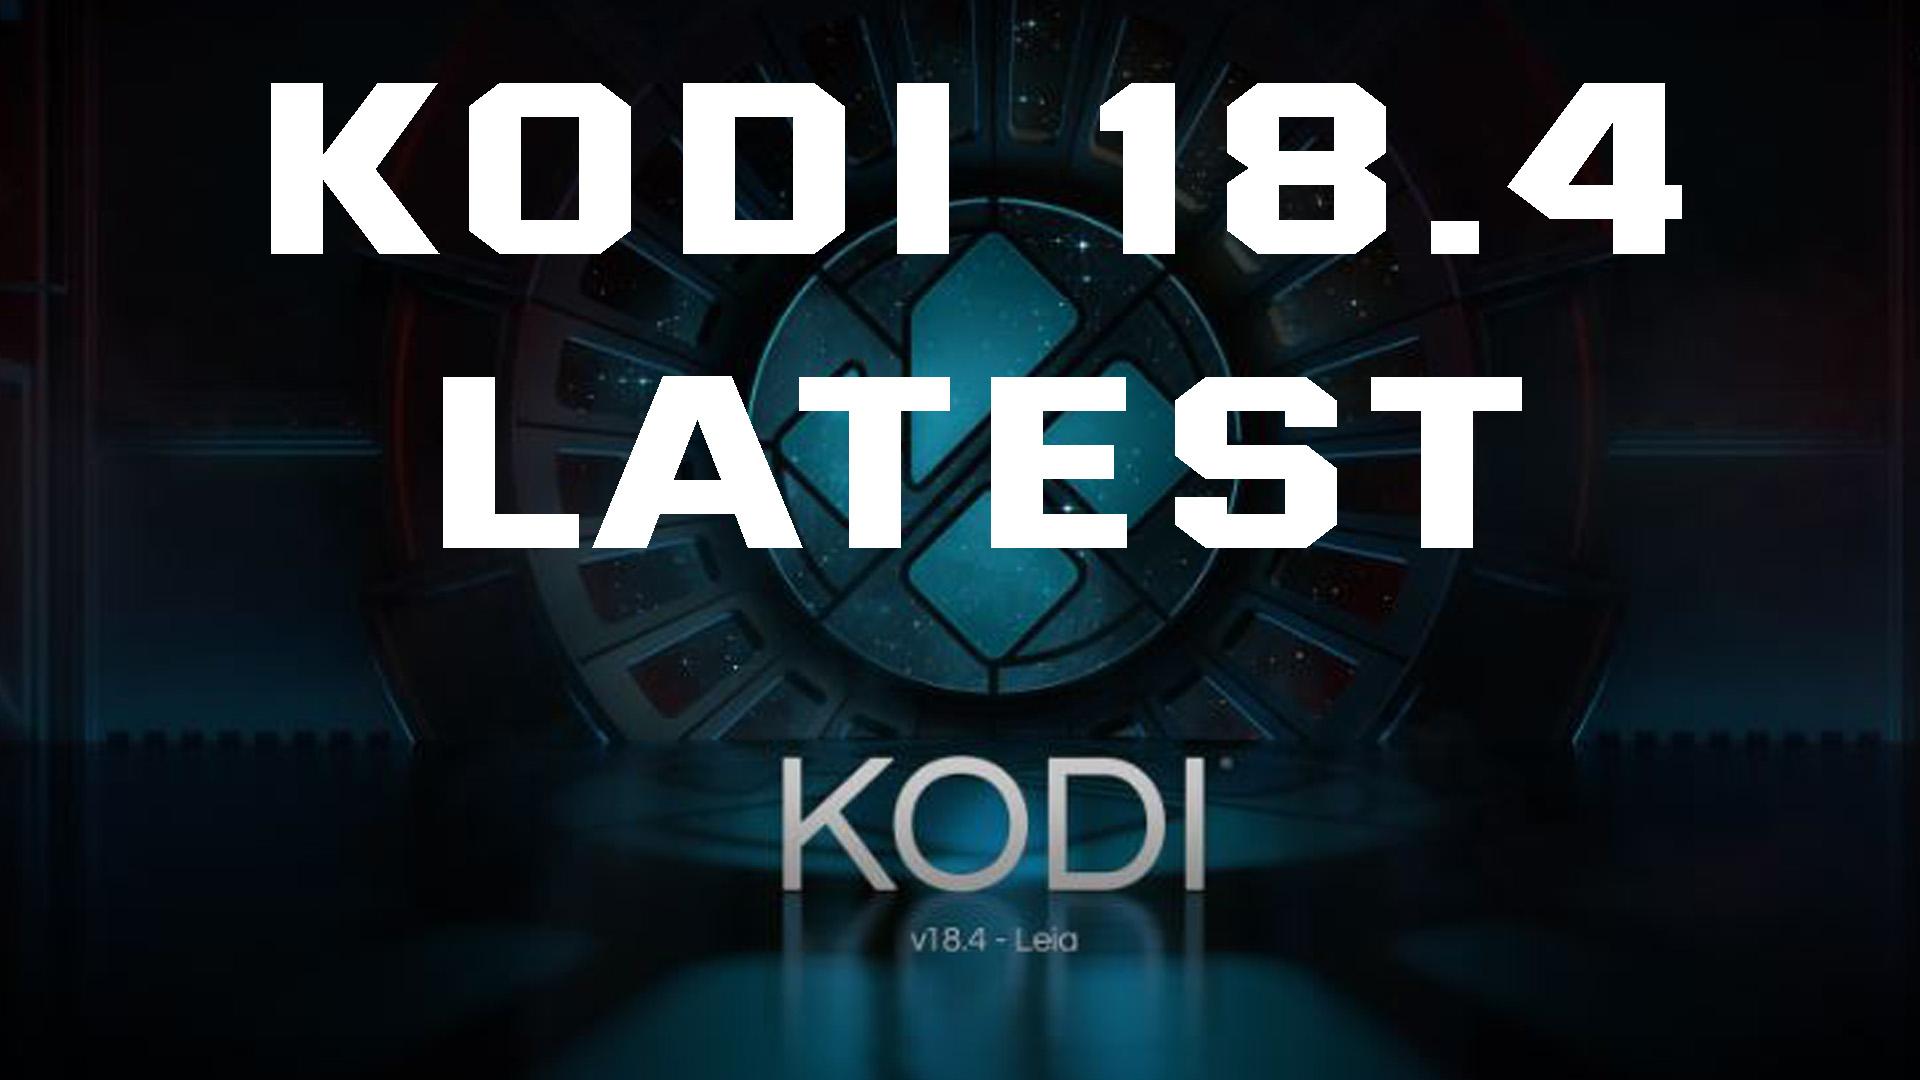 Kodi 18.4 Latest updates